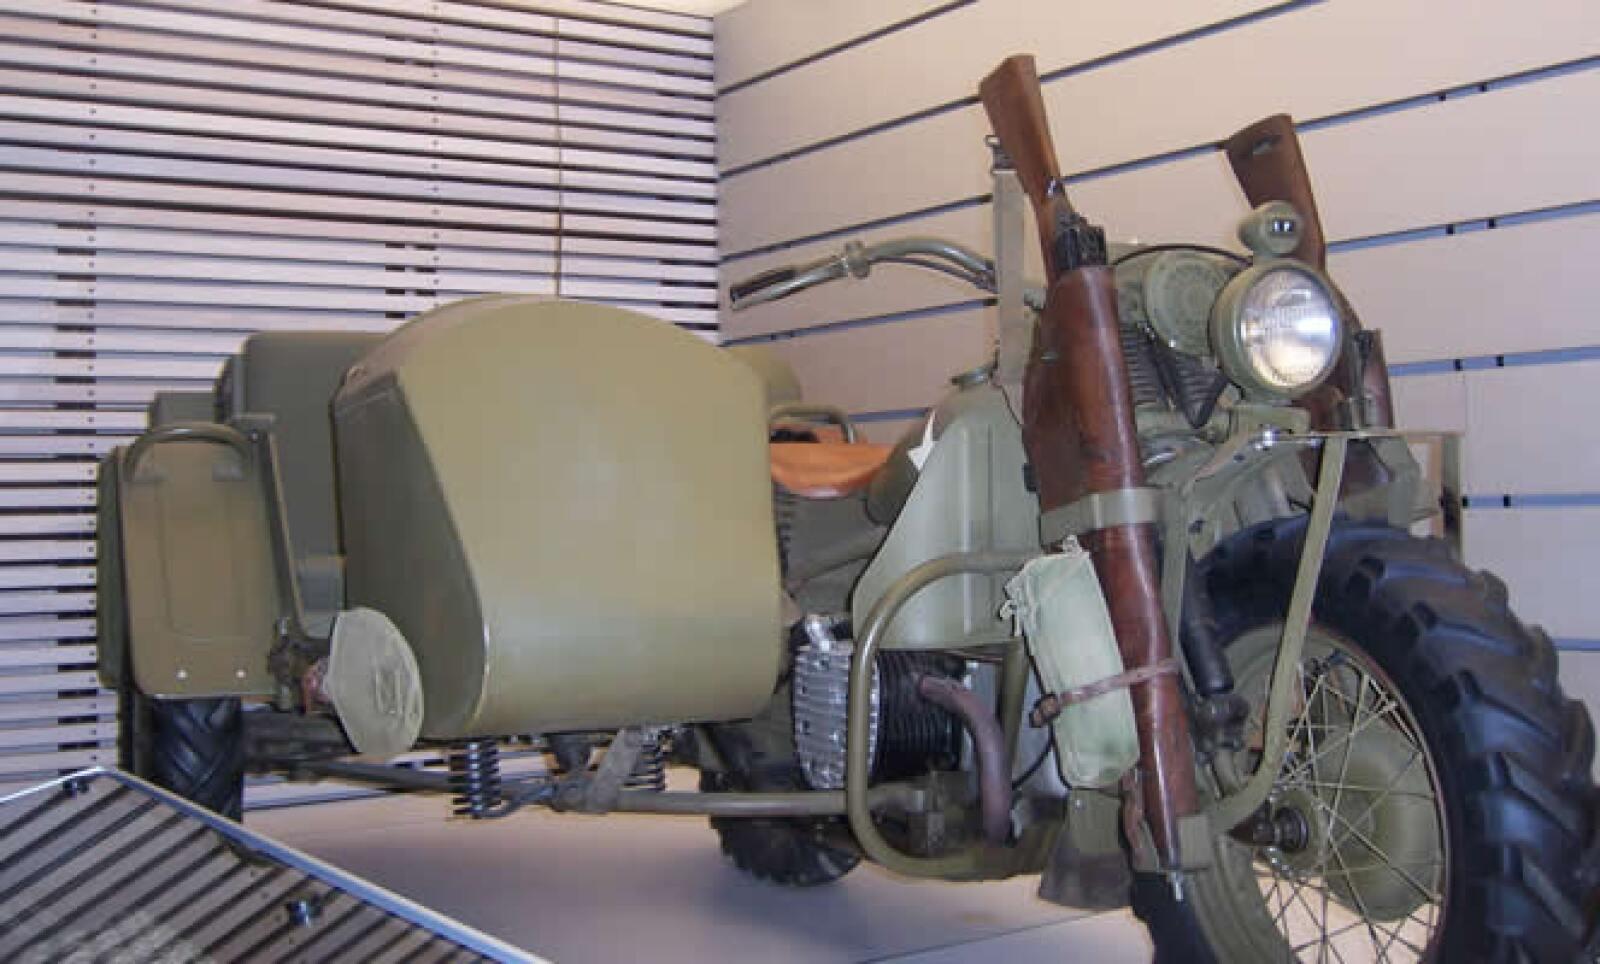 Las motocicletas de Harley Davidson han recorrido el mundo y durante la segunda guerra mundial fueron muy utilizadas por todos los Aliados.